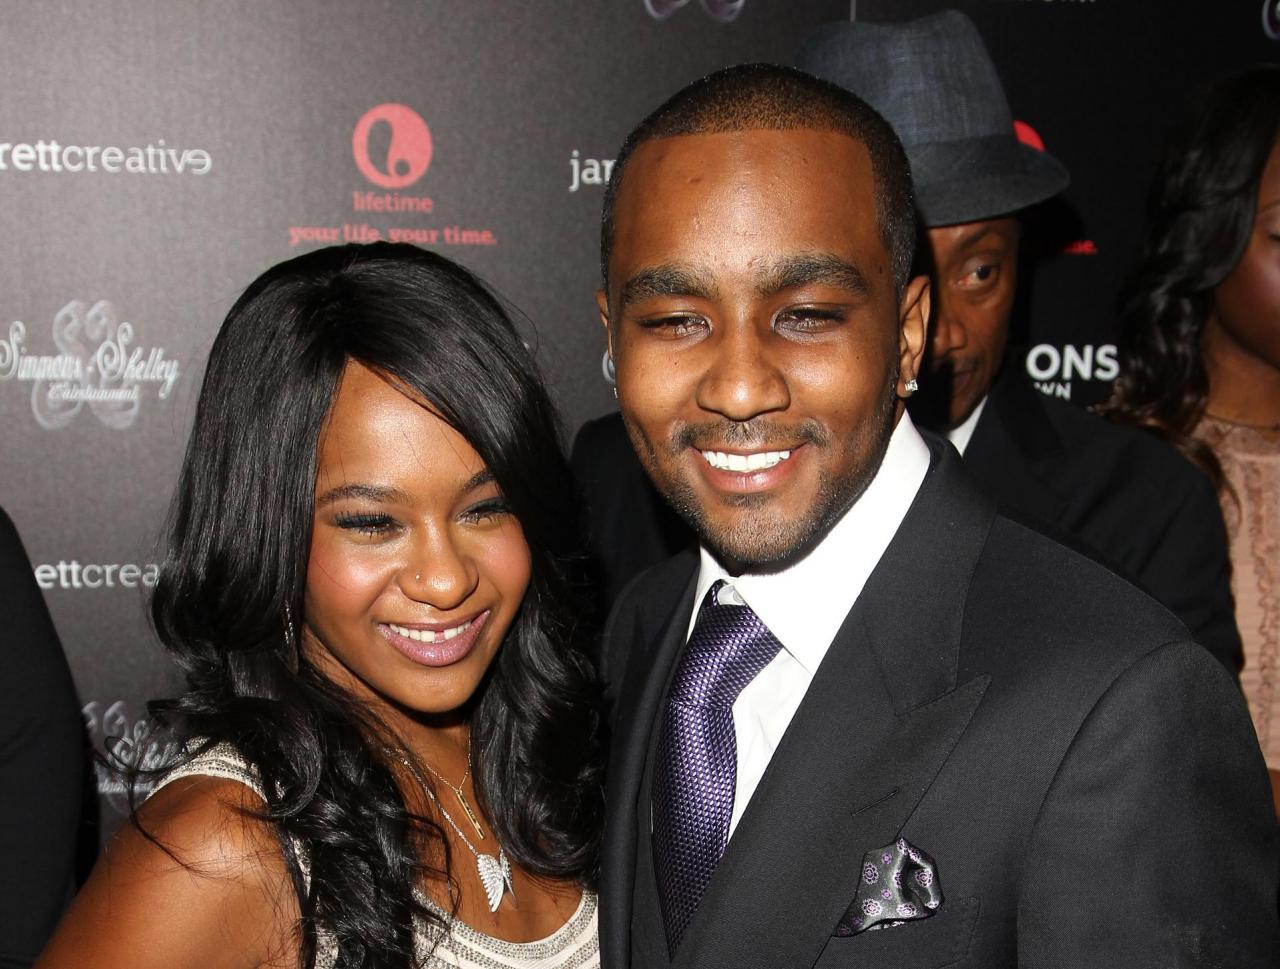 Morto l'ex fidanzato della figlia di Whitney Houston - Ticinonline